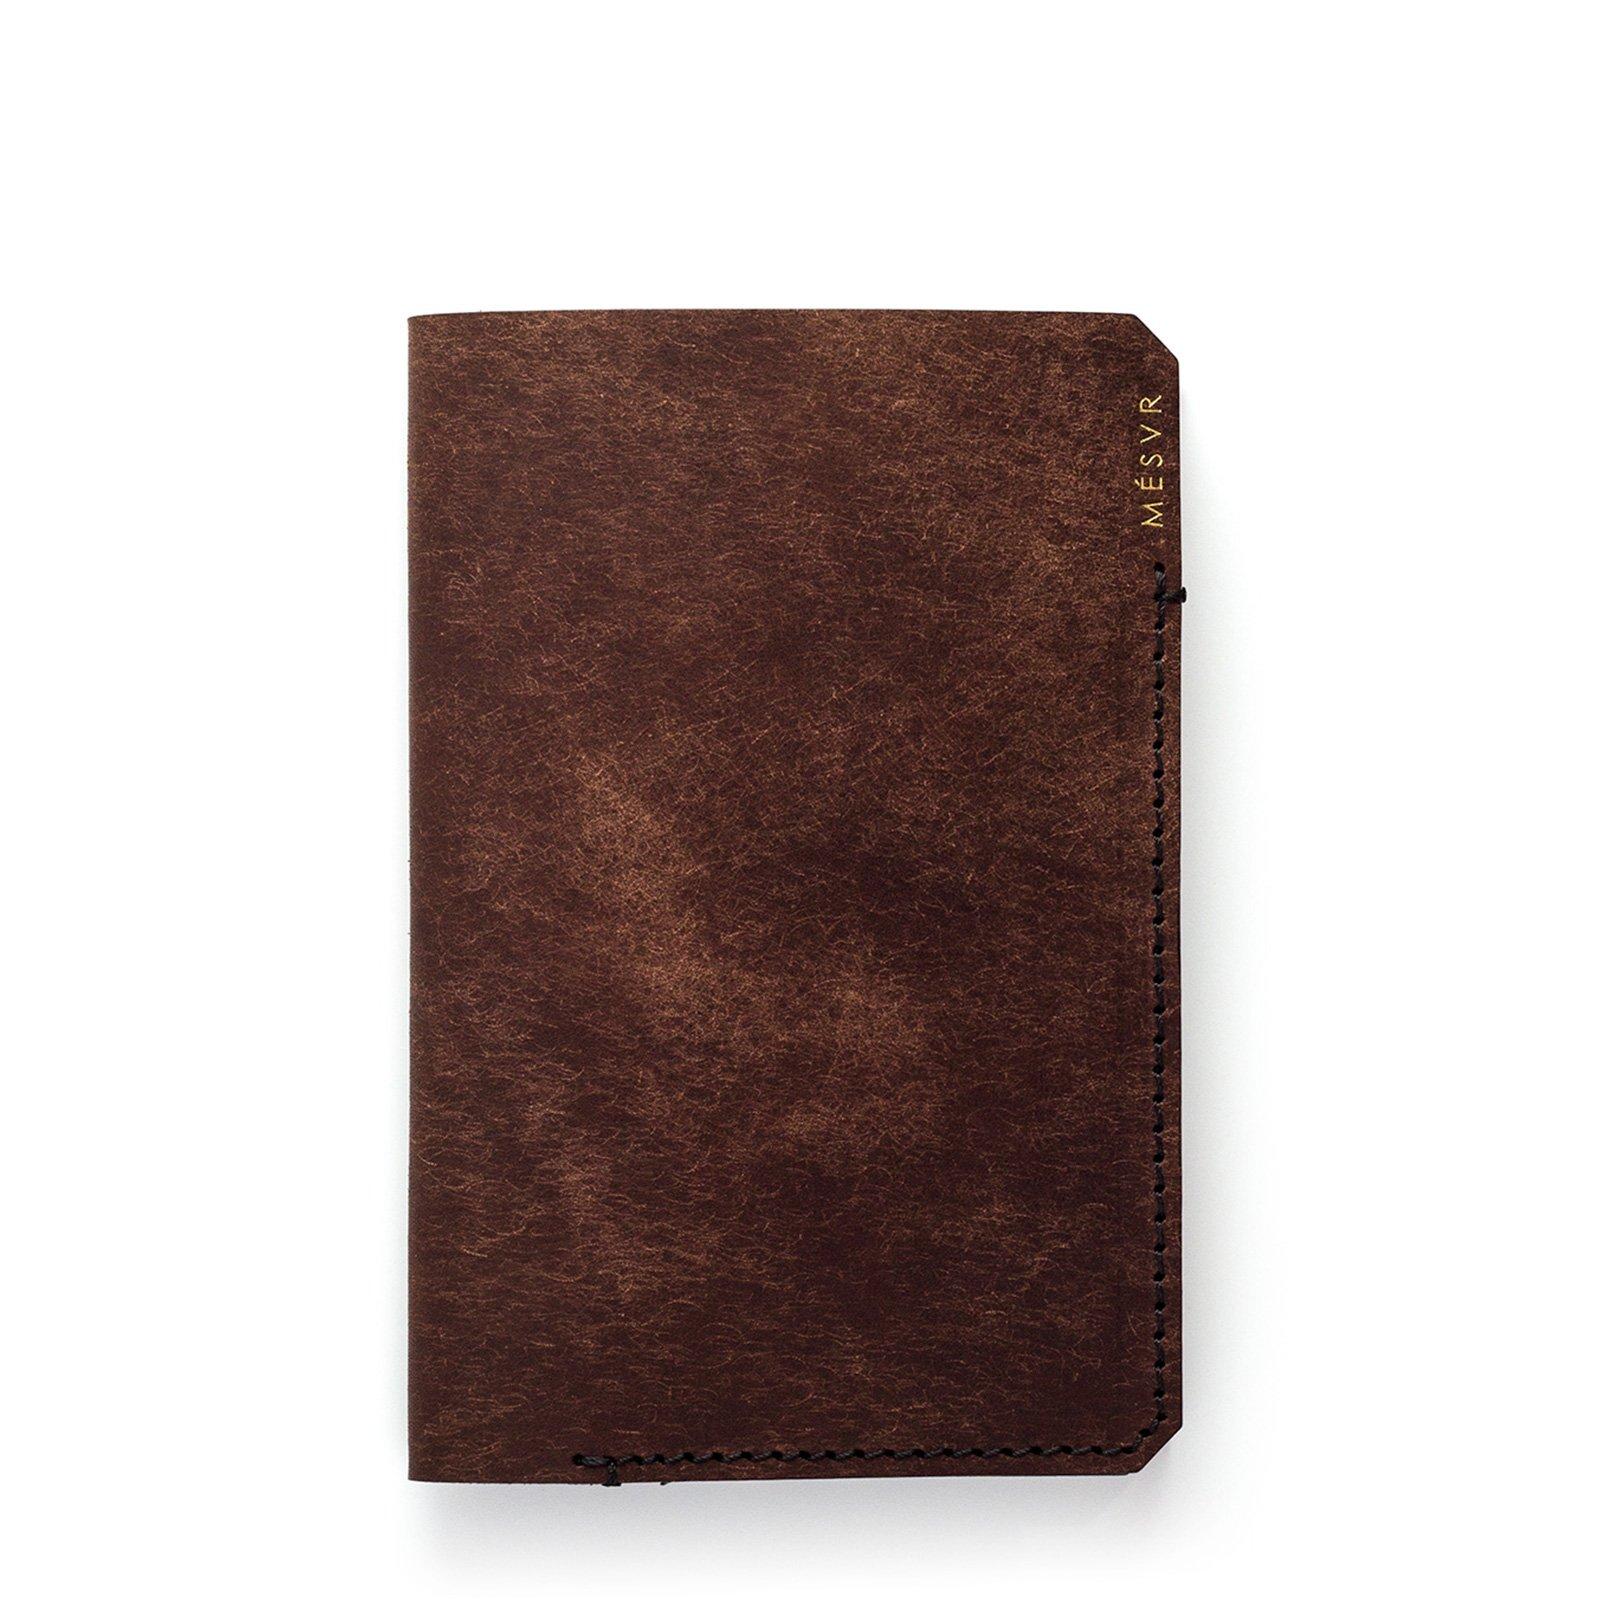 PUEBLO 護照夾